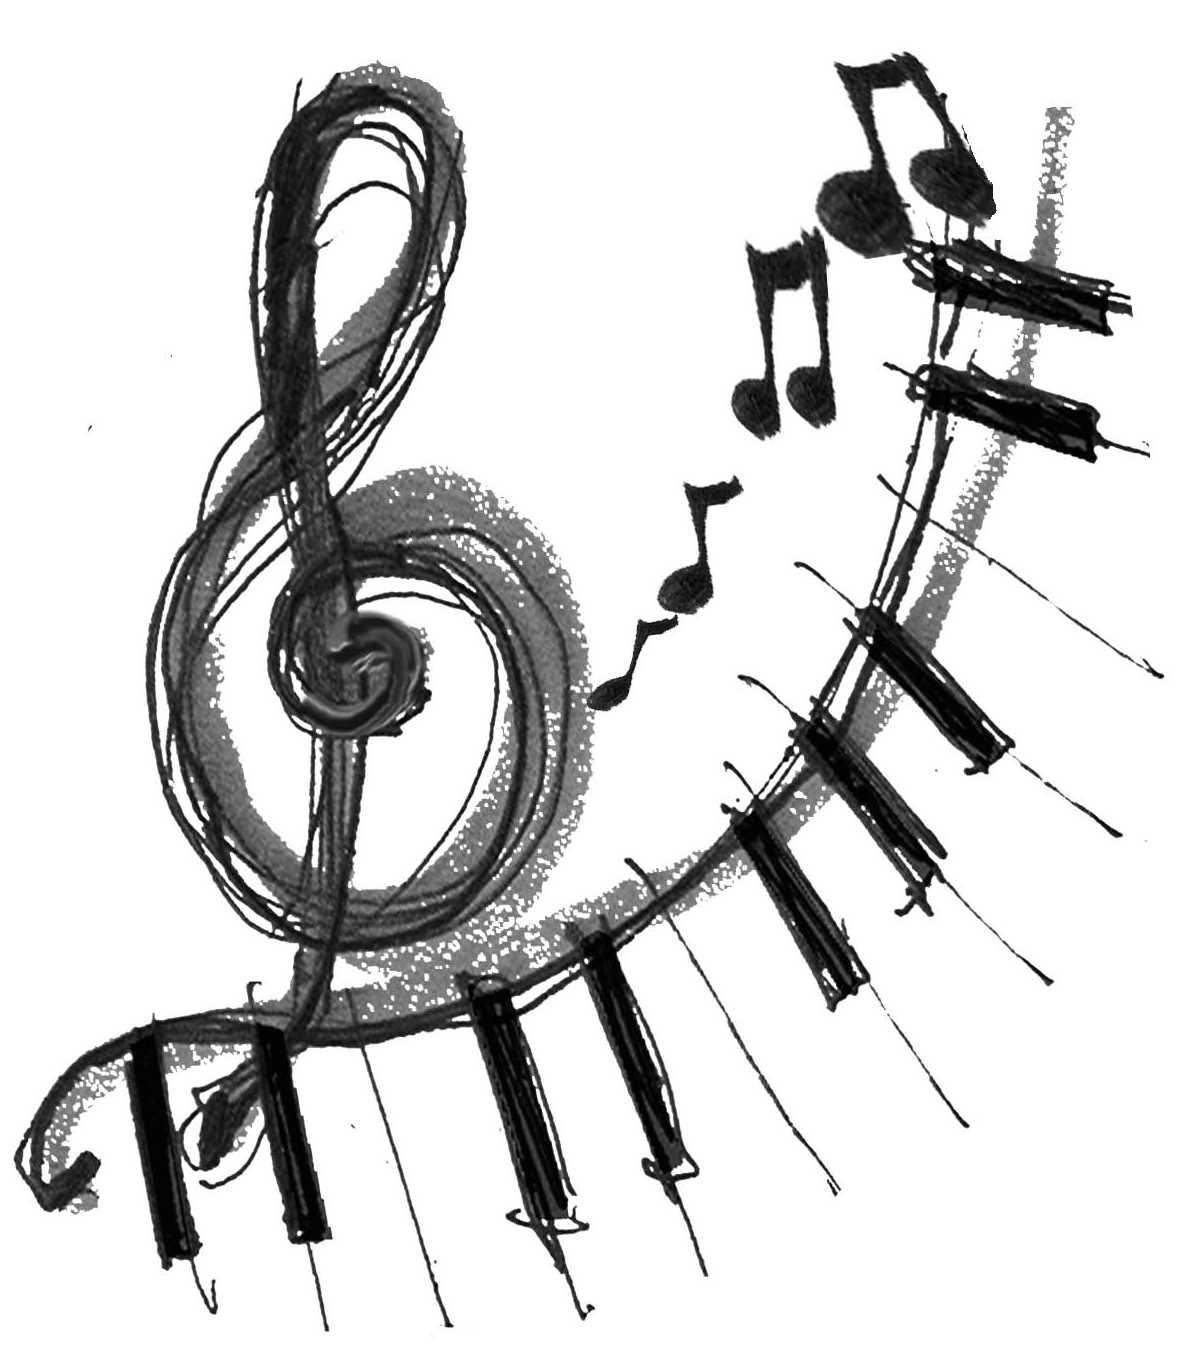 احکام شرعی مربوط به آلات موسیقی